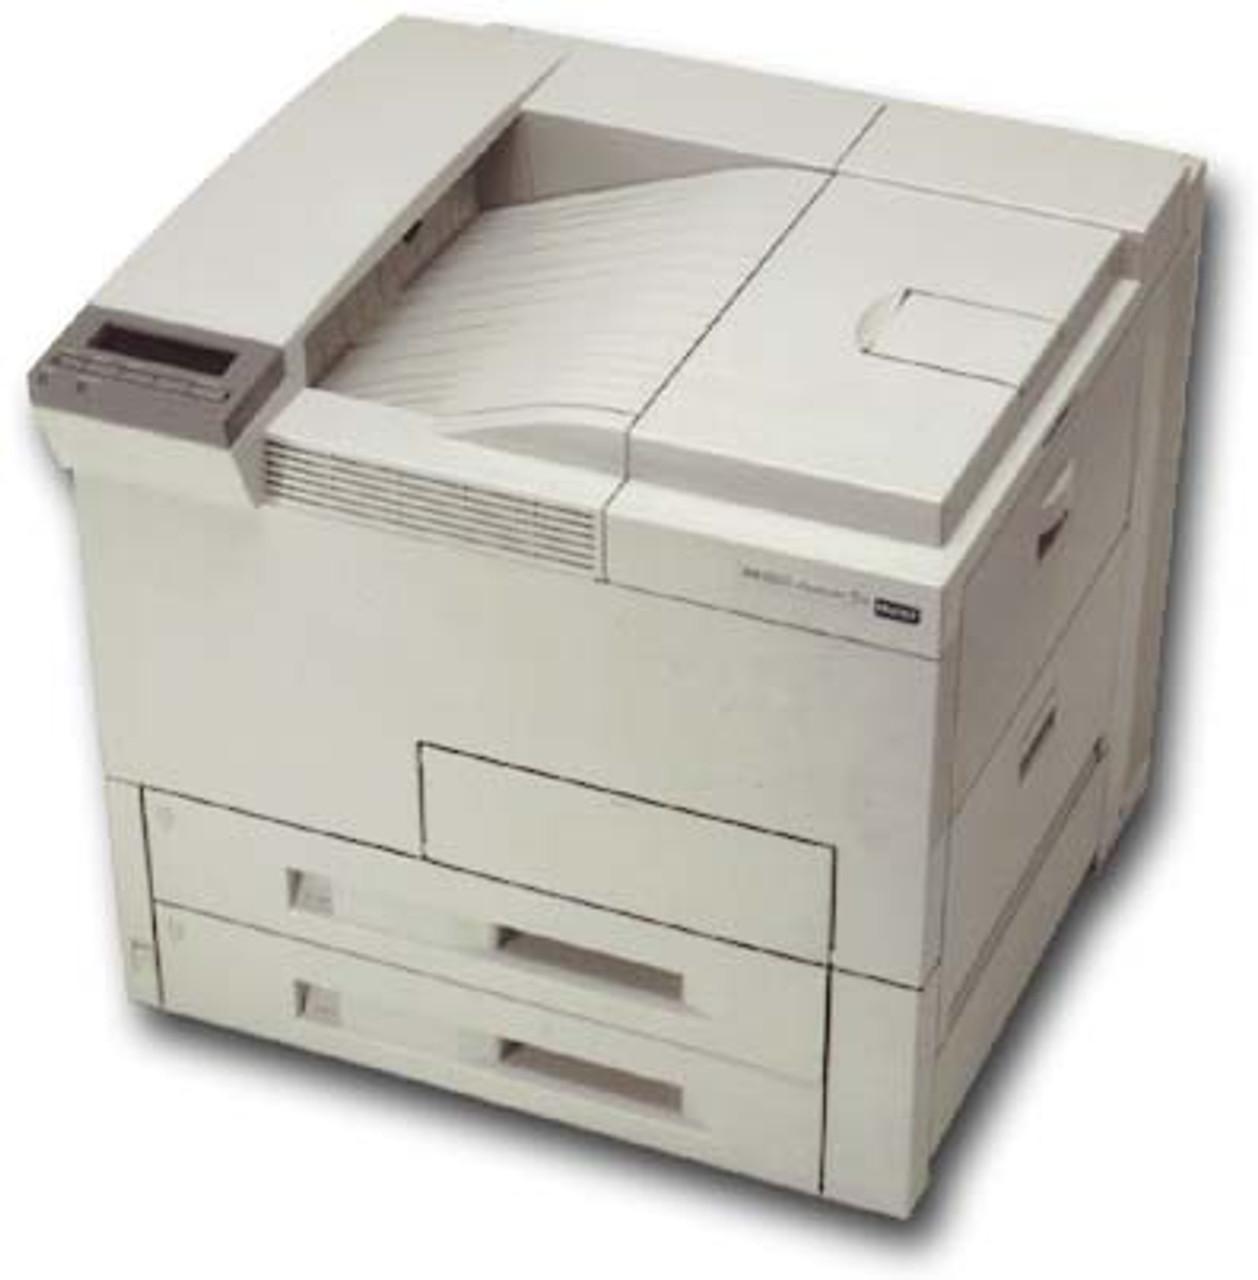 HP LaserJet 5siNX - C3950A - HP Laser Printer for sale